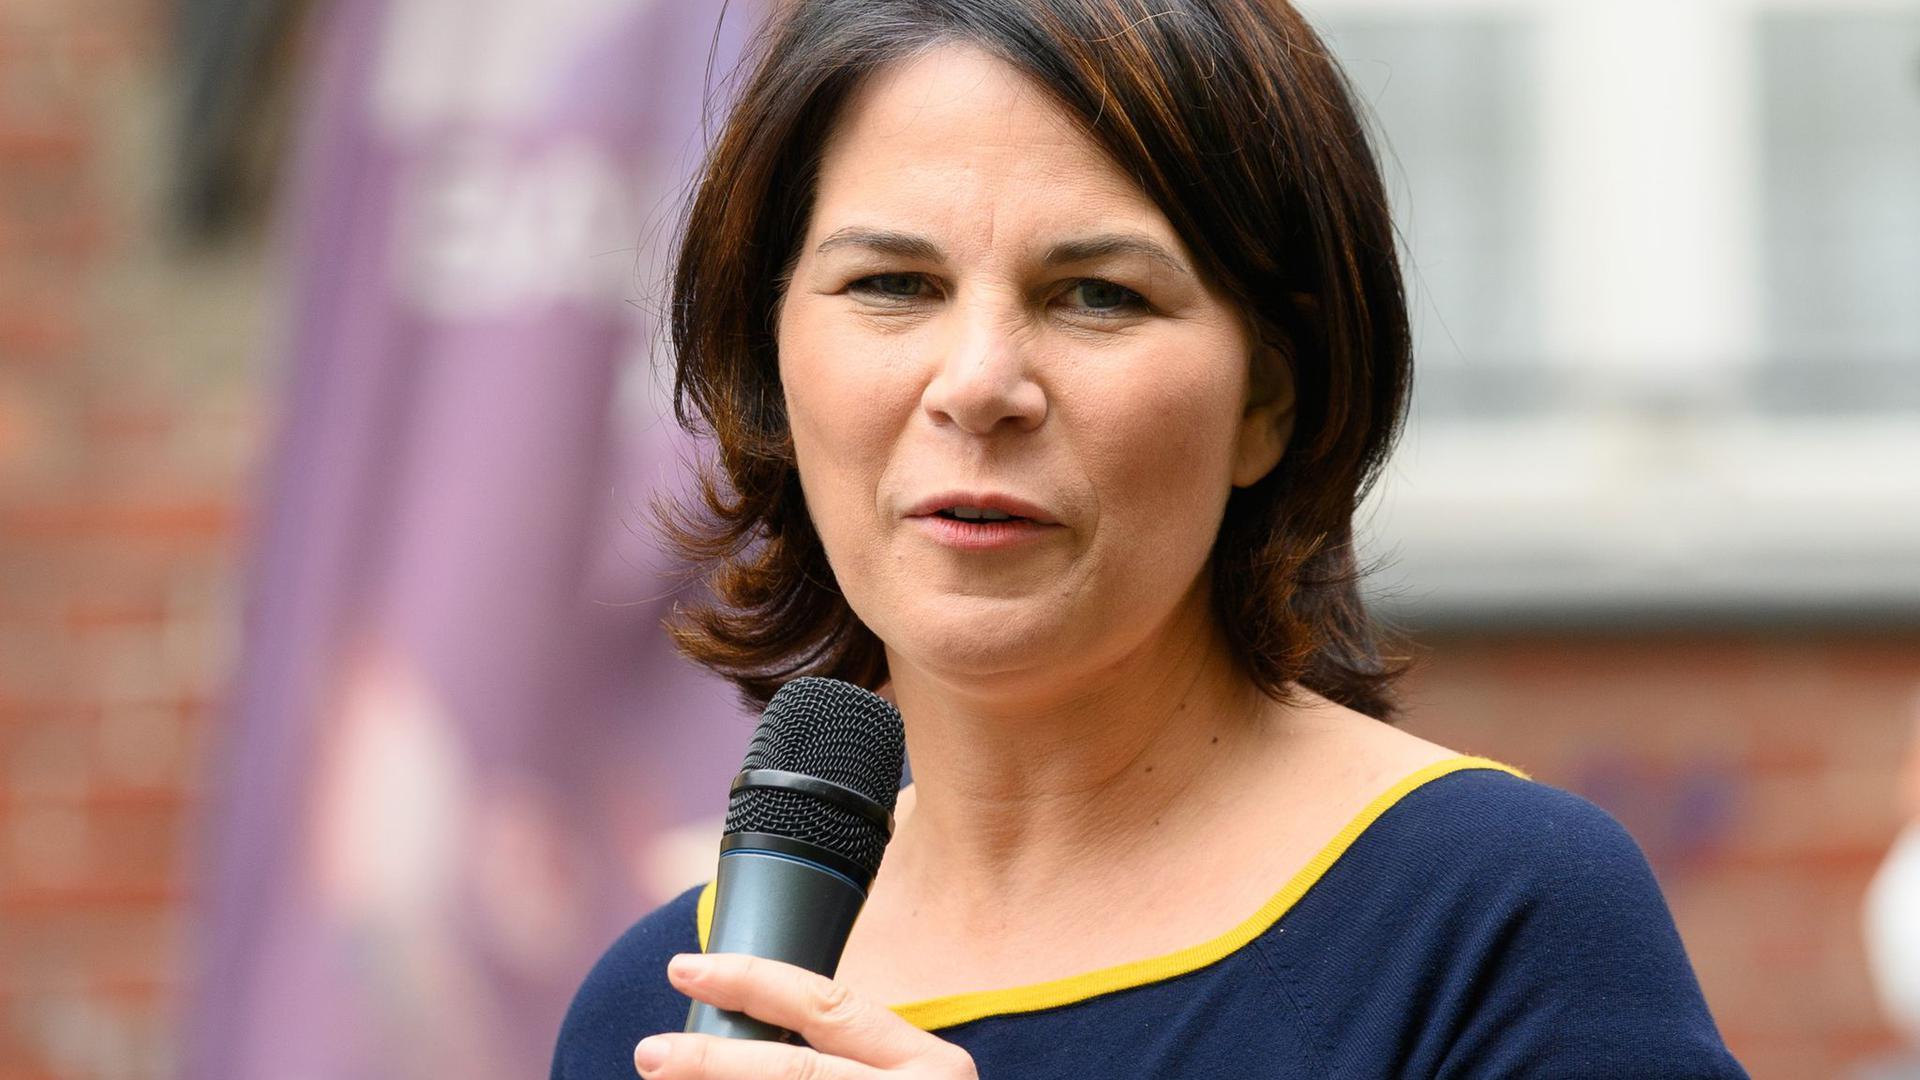 Annalena Baerbock, Kanzlerkandidatin und Direktkandidatin von Bündnis 90/Die Grünen, spricht während eines Bürgergesprächs zu ihrem Wahlkampfauftakt.